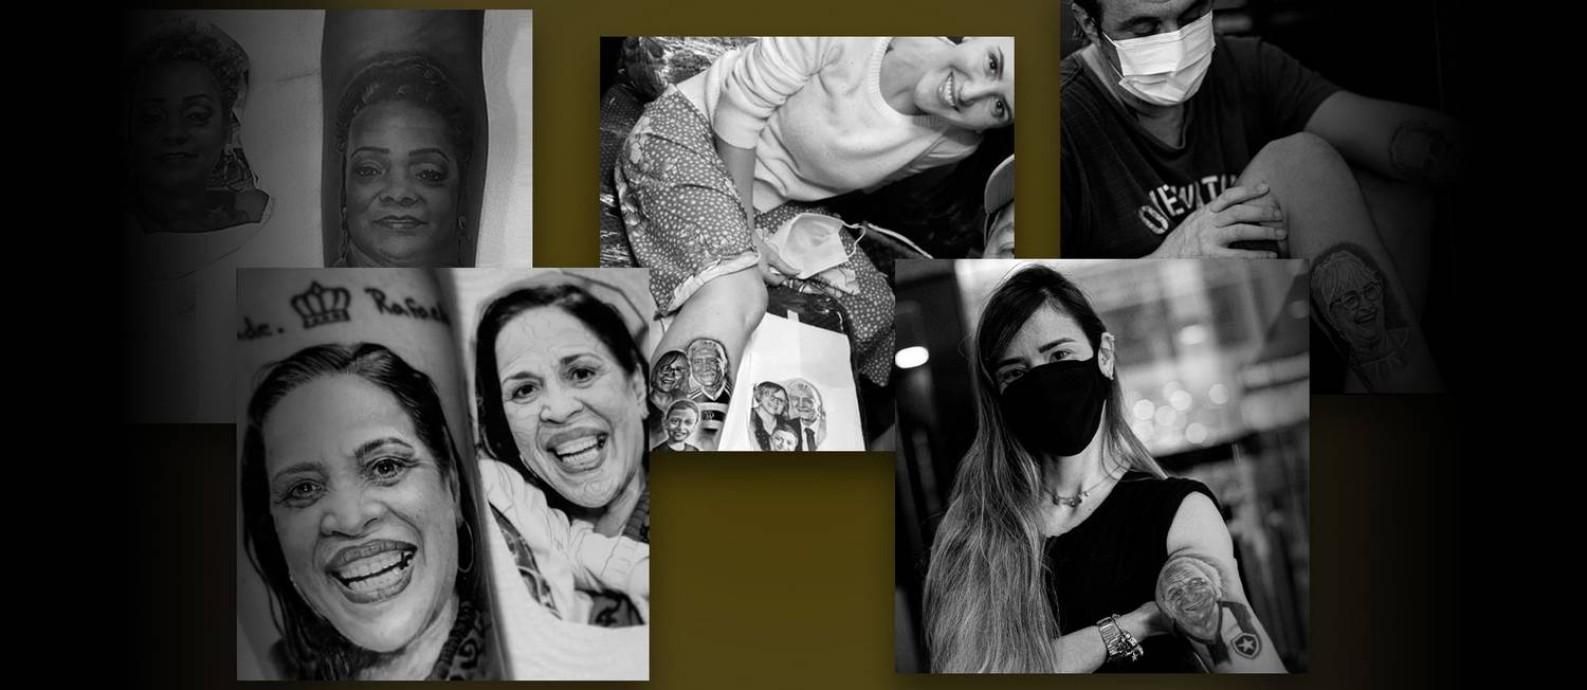 Para matar saudades de quem partiu pela Covid-19, parentes tatuam o rosto e eternizam o amor Foto: Editoria de arte